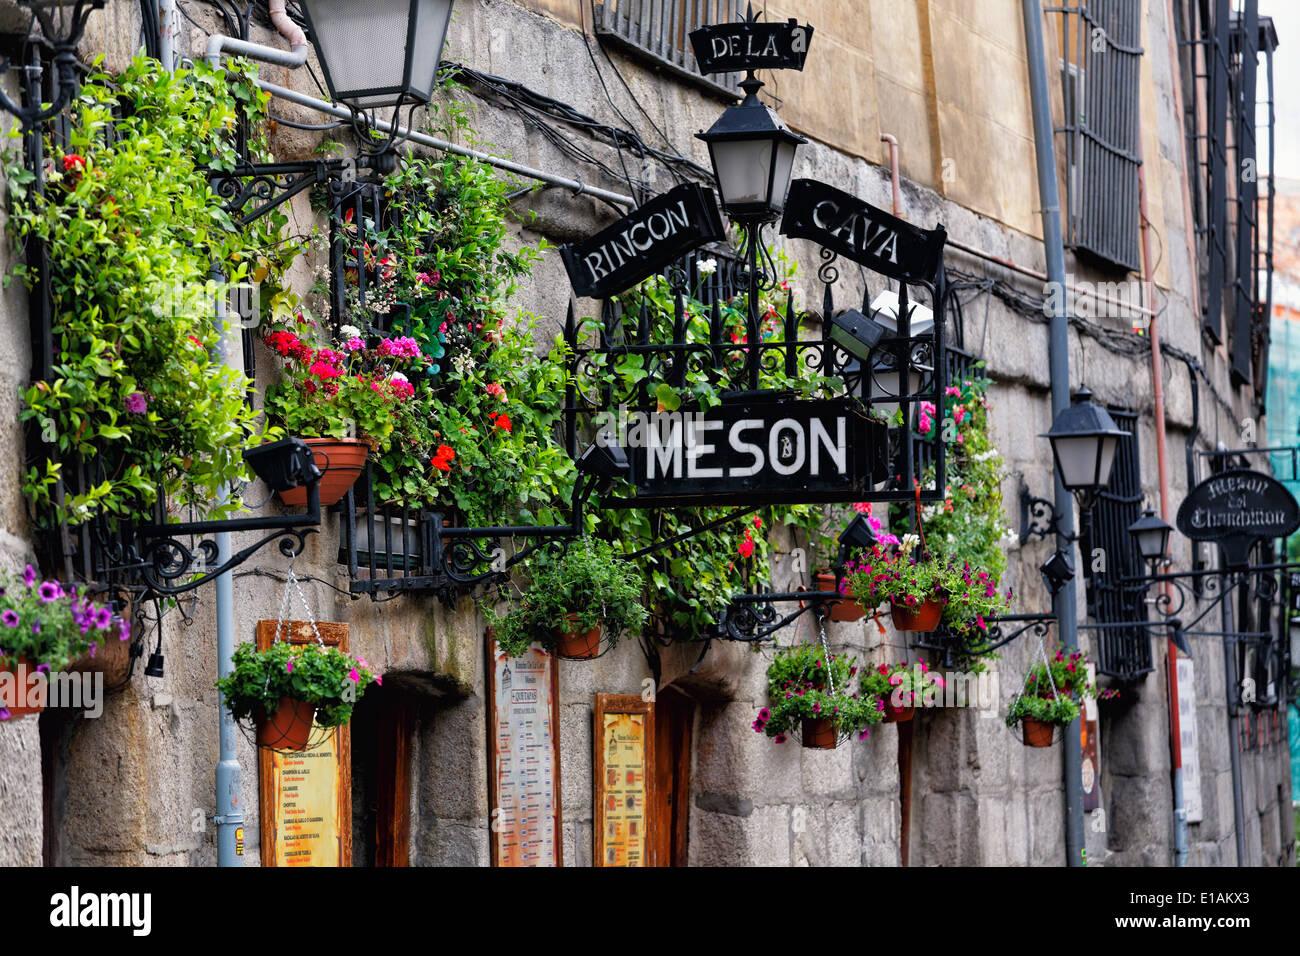 Segni di entrata del ristorante di tapas, Mesón Rincón de la cavas, Madrid, Spagna. Immagini Stock